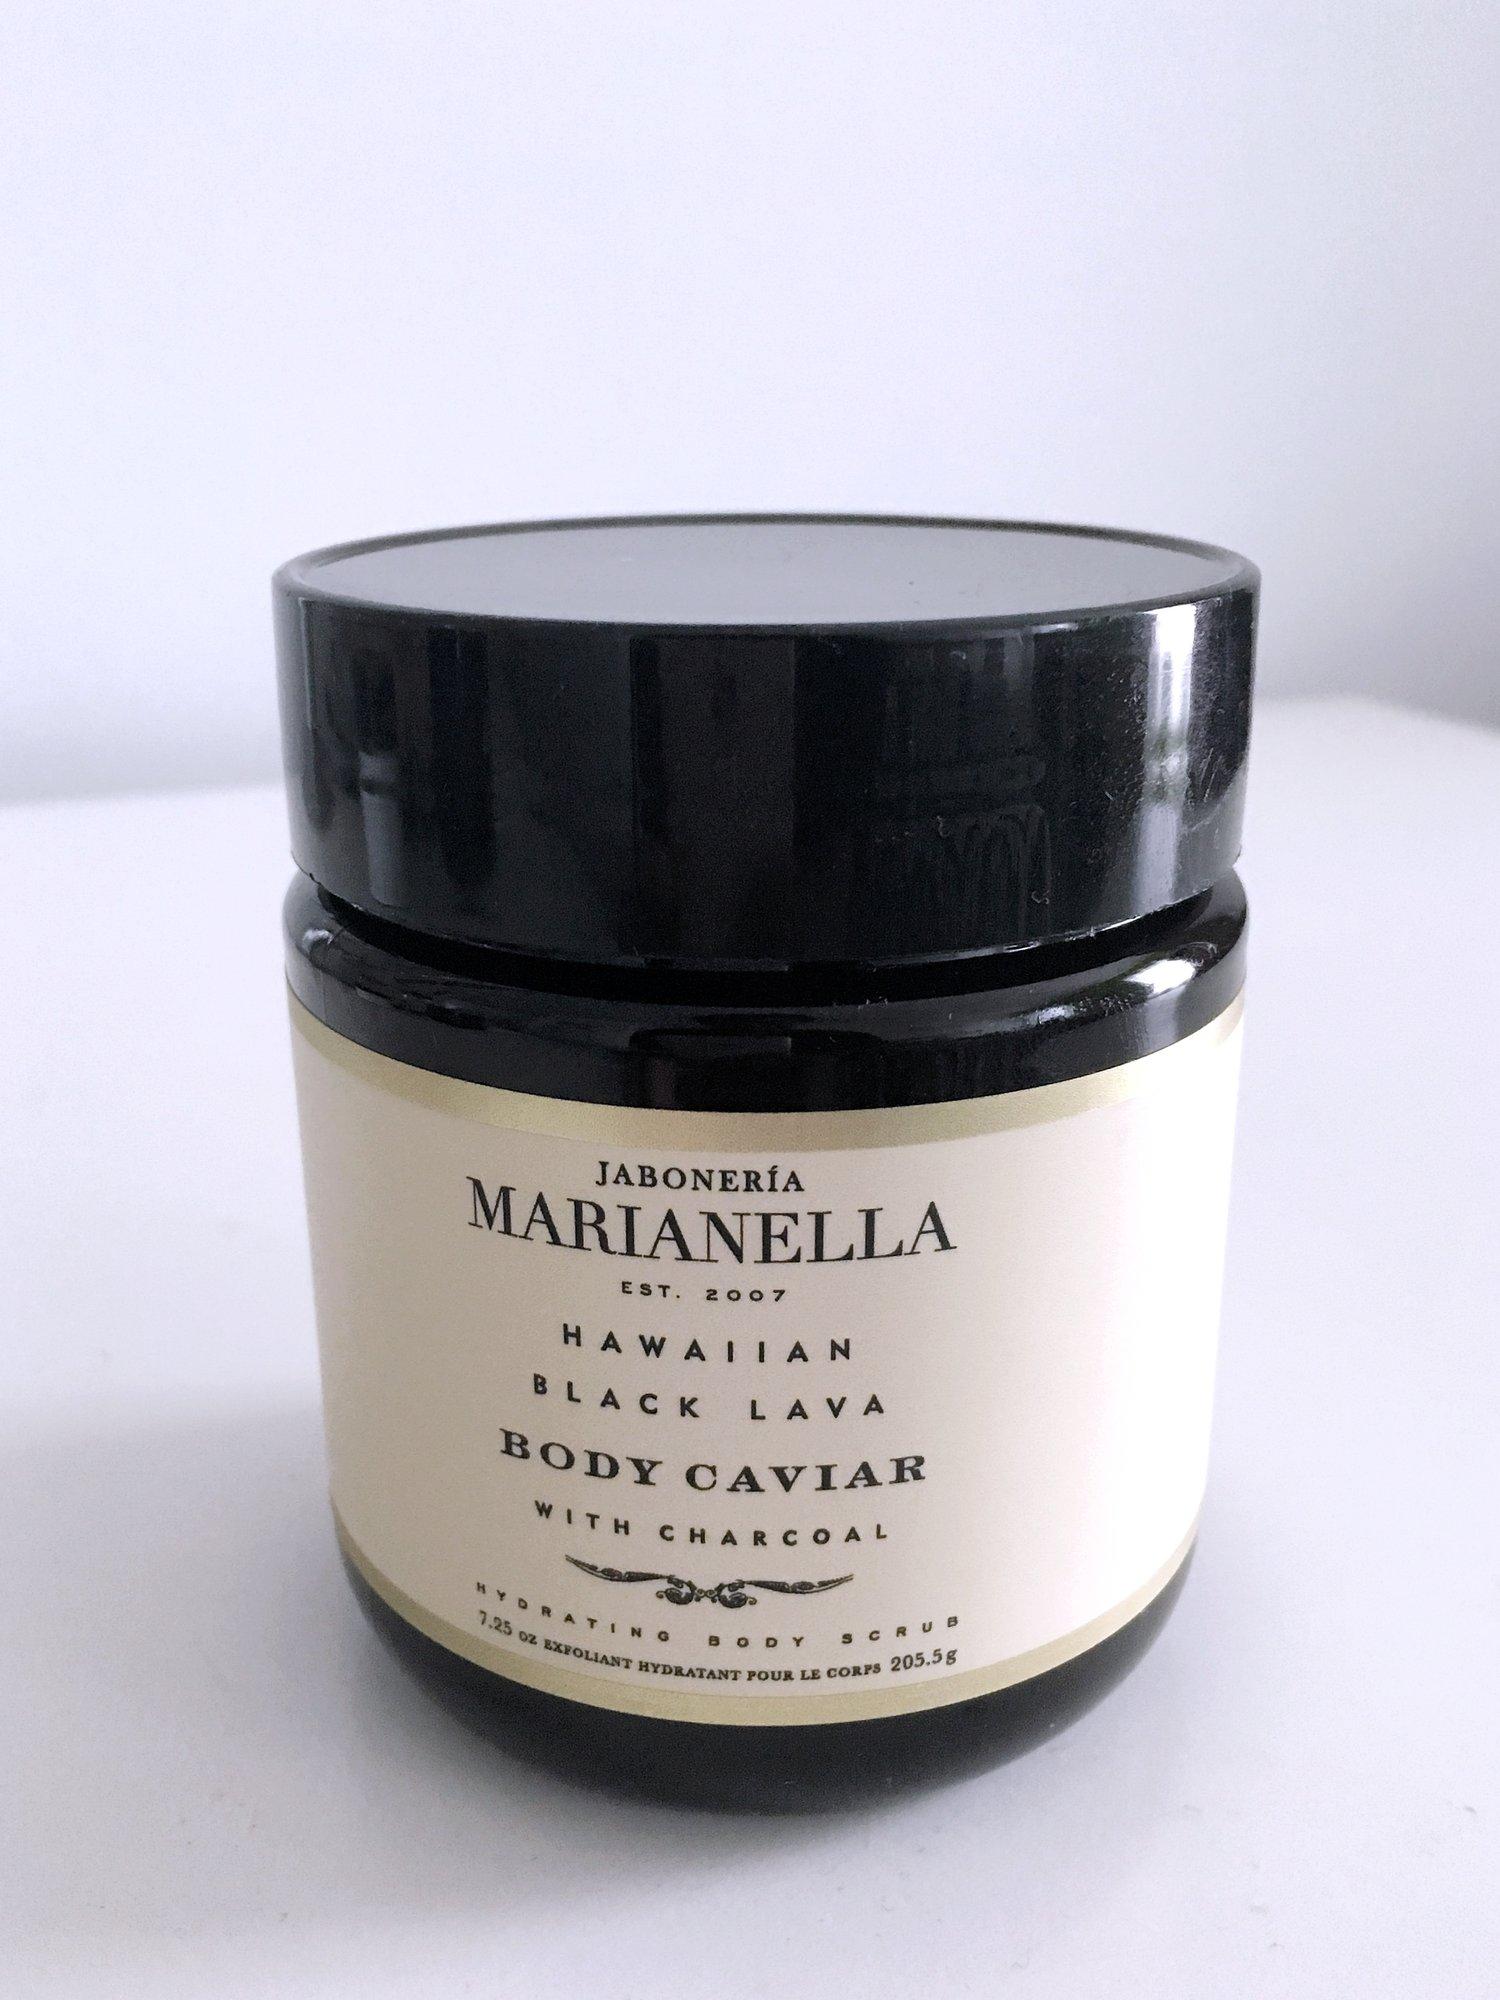 Hawaiian Black Lava Body Caviar from Jaboneria Marianella